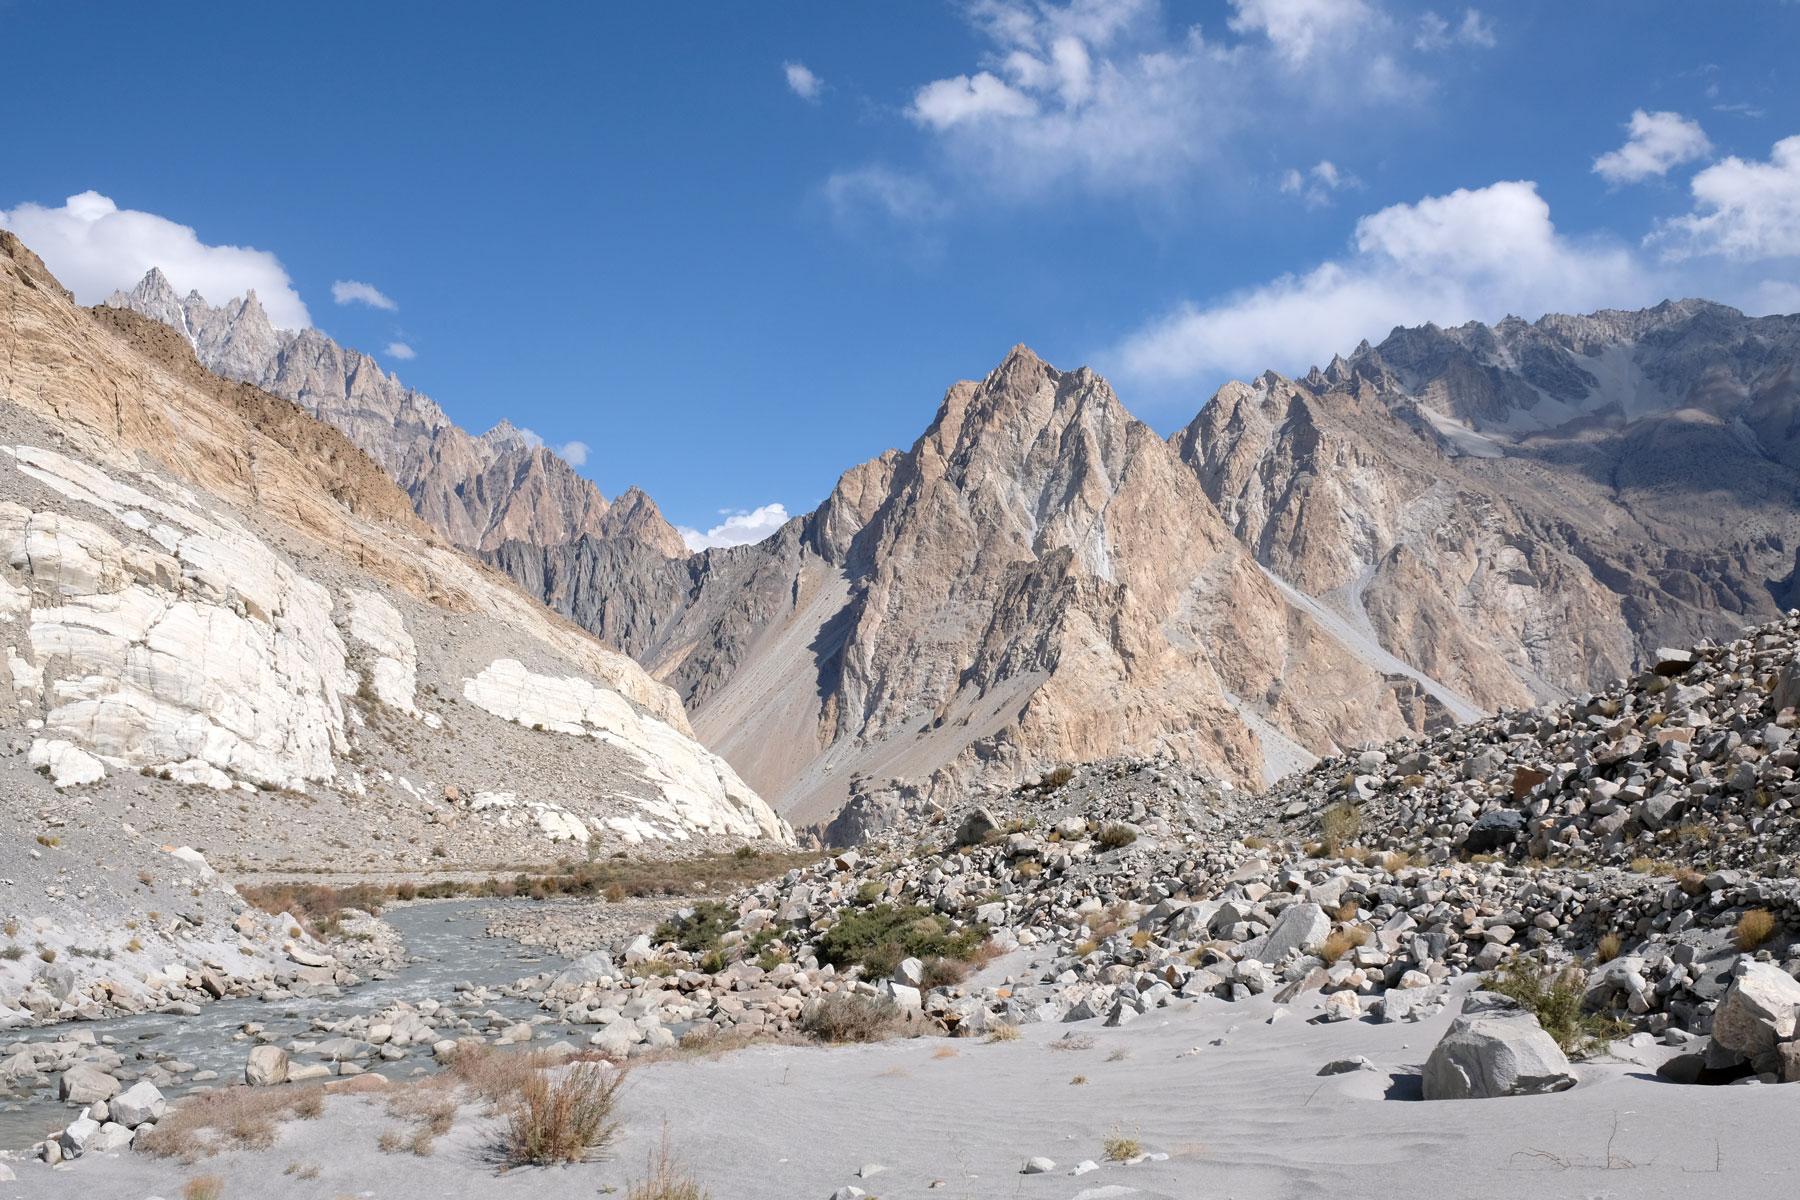 Immer wieder entdecken wir Seitetäler, in denen sich eisiges Gletscherwasser seinen Weg bahnt